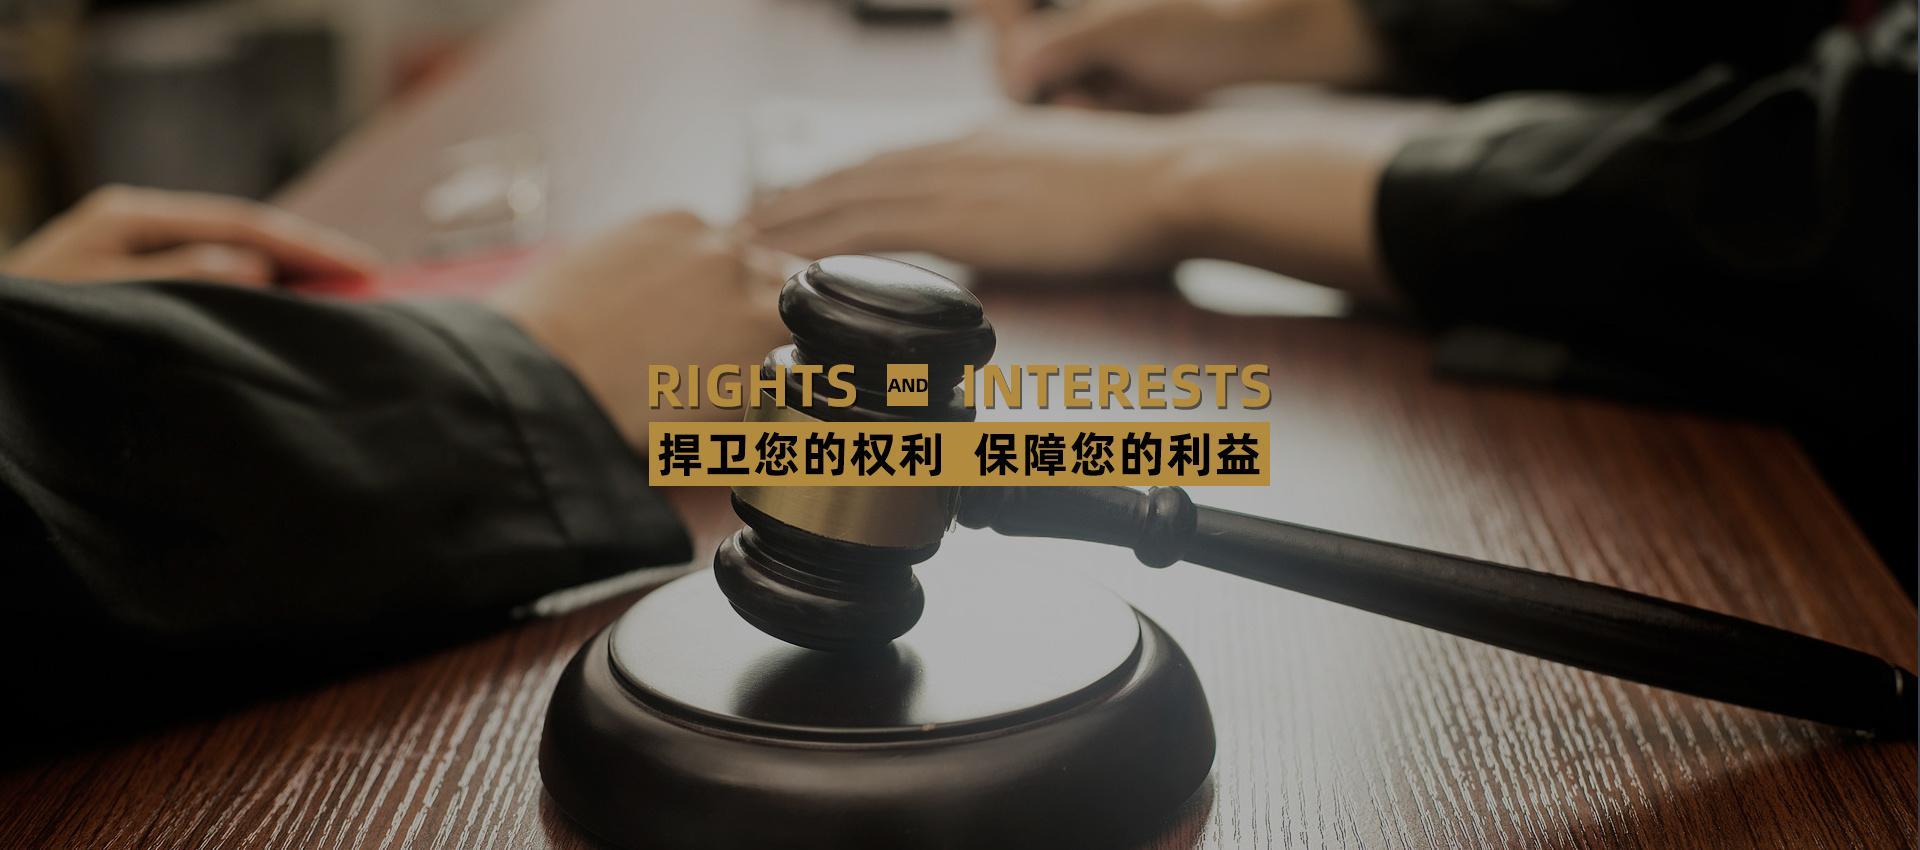 安徽信拓律师事务所